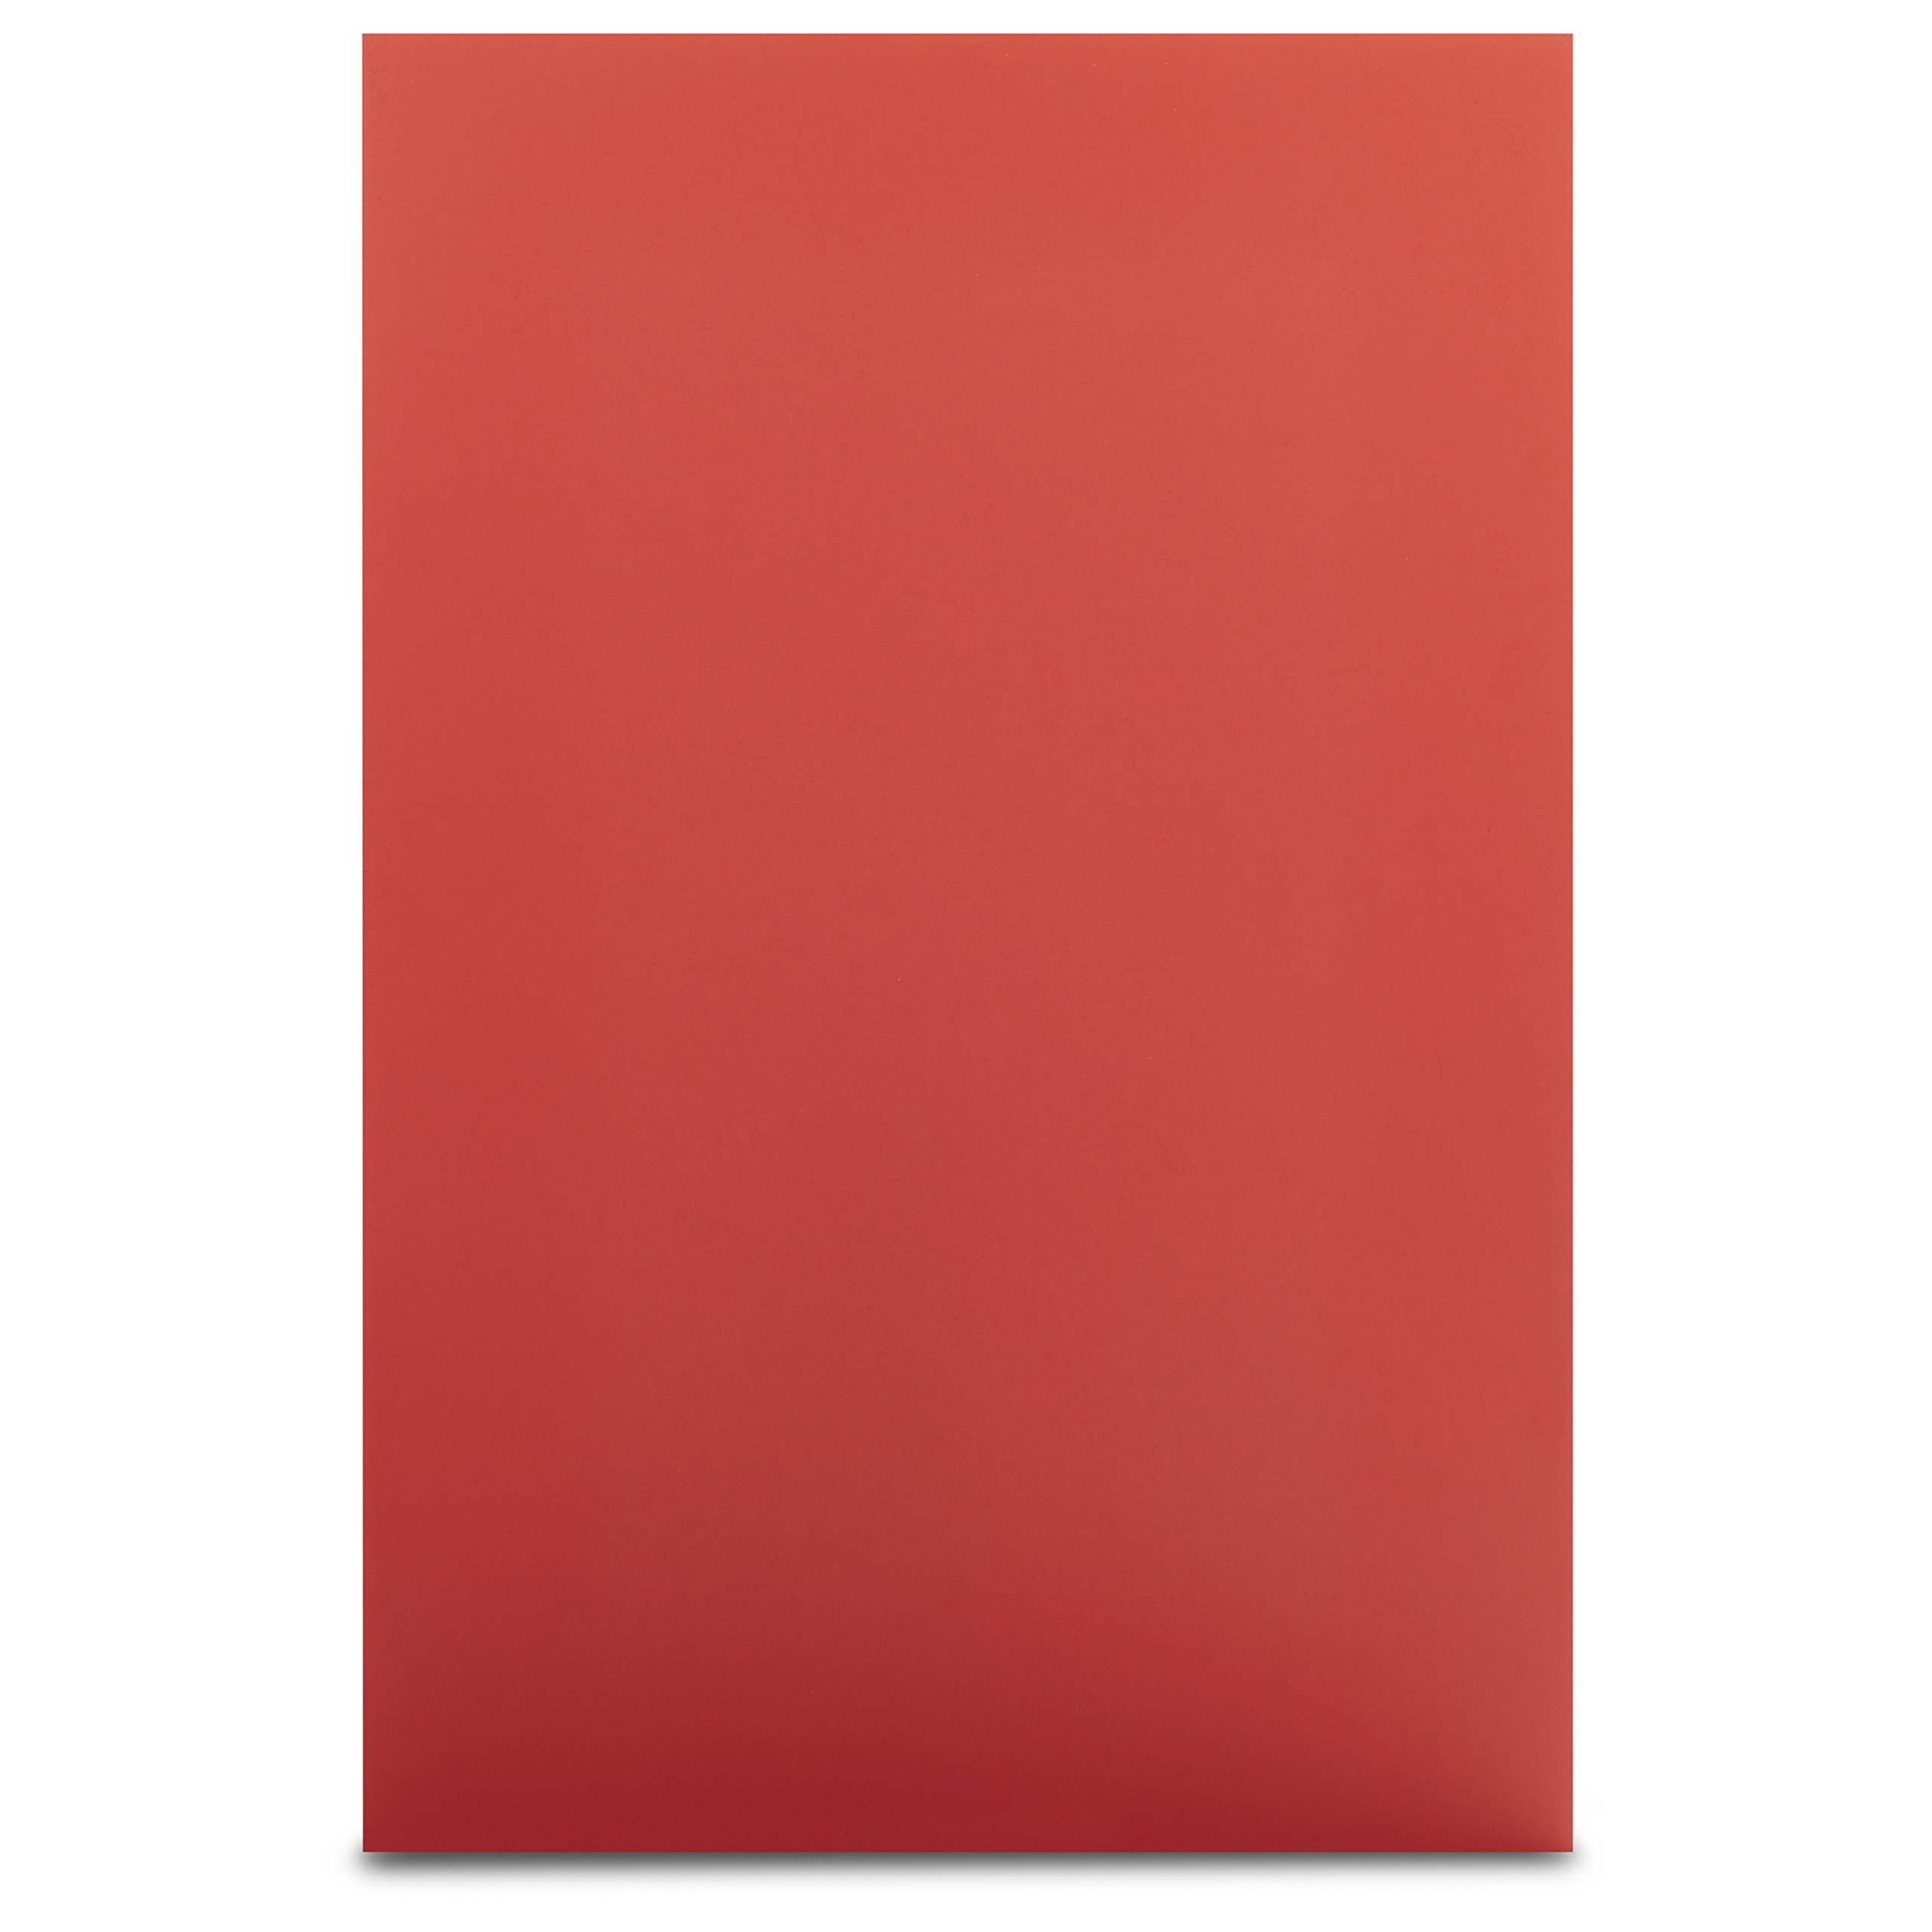 Elmer's Colored Foam Board , 20 x 30, Red, 10-Pack (950052)